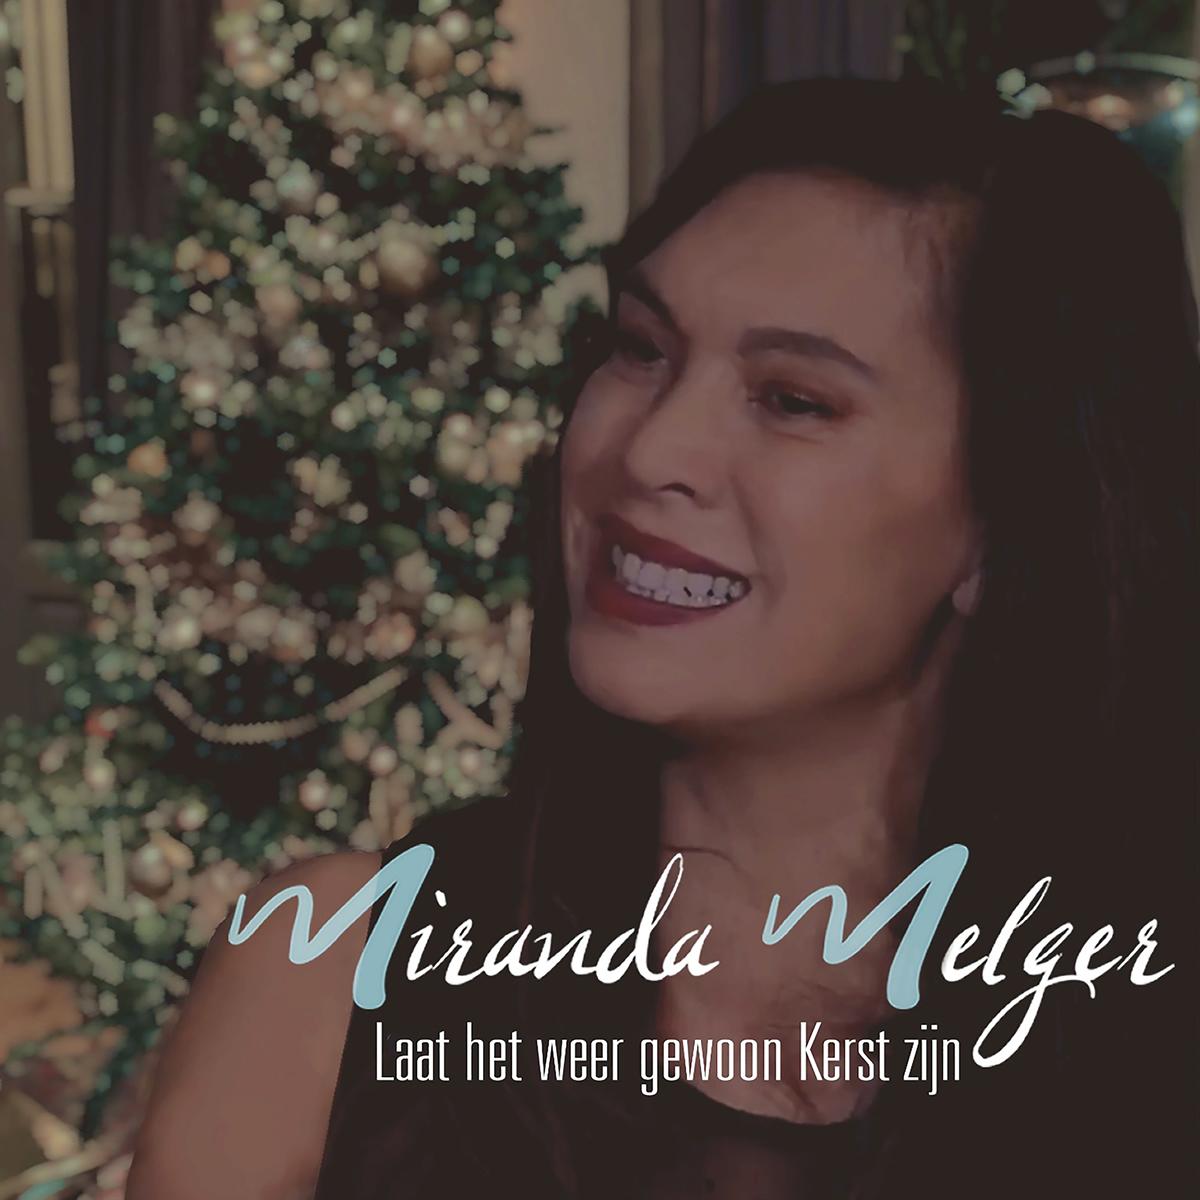 PROMO | COVER Miranda Melger - Laat het weer gewoon Kerst zijn 1200